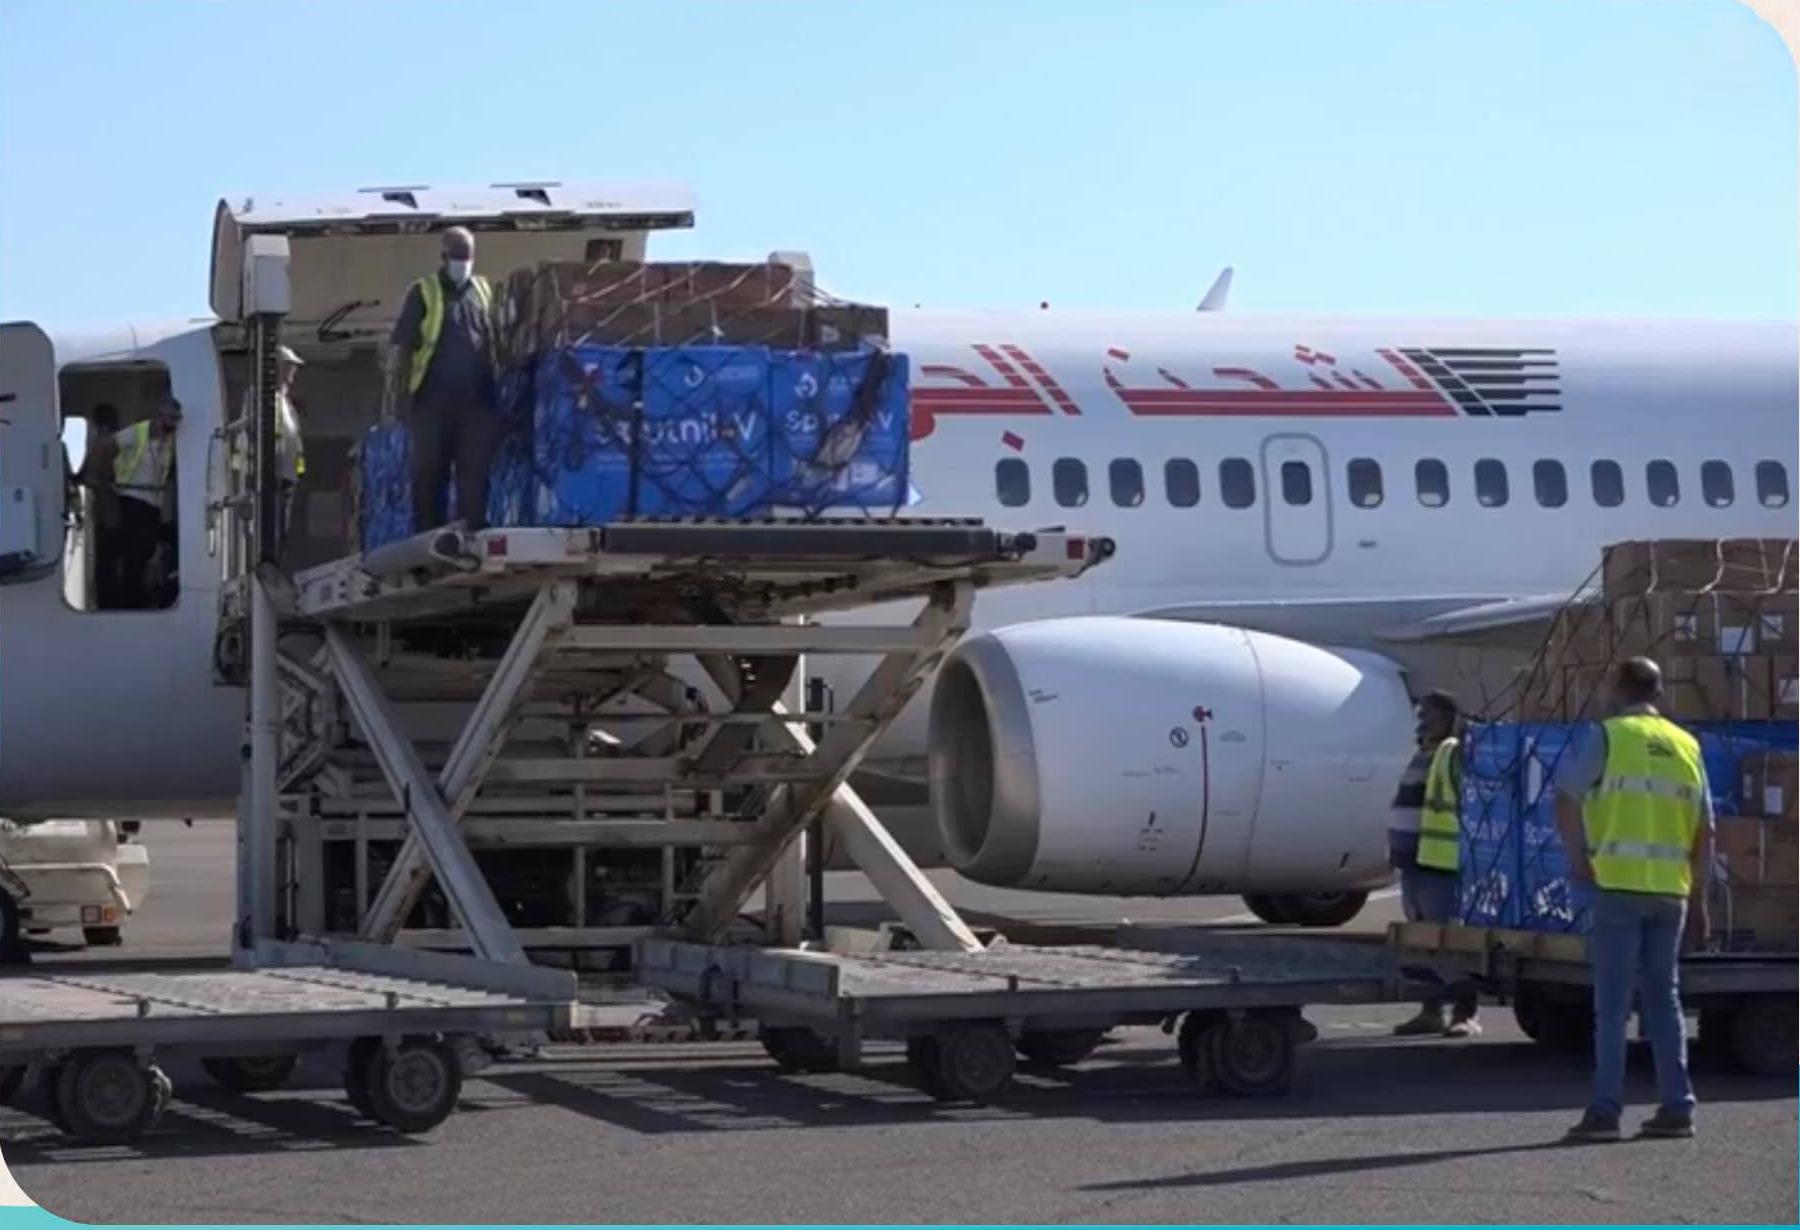 وصول نصف مليون جرعة من لقاح «سبوتنيك لايت» إلى مطار معيتيقة